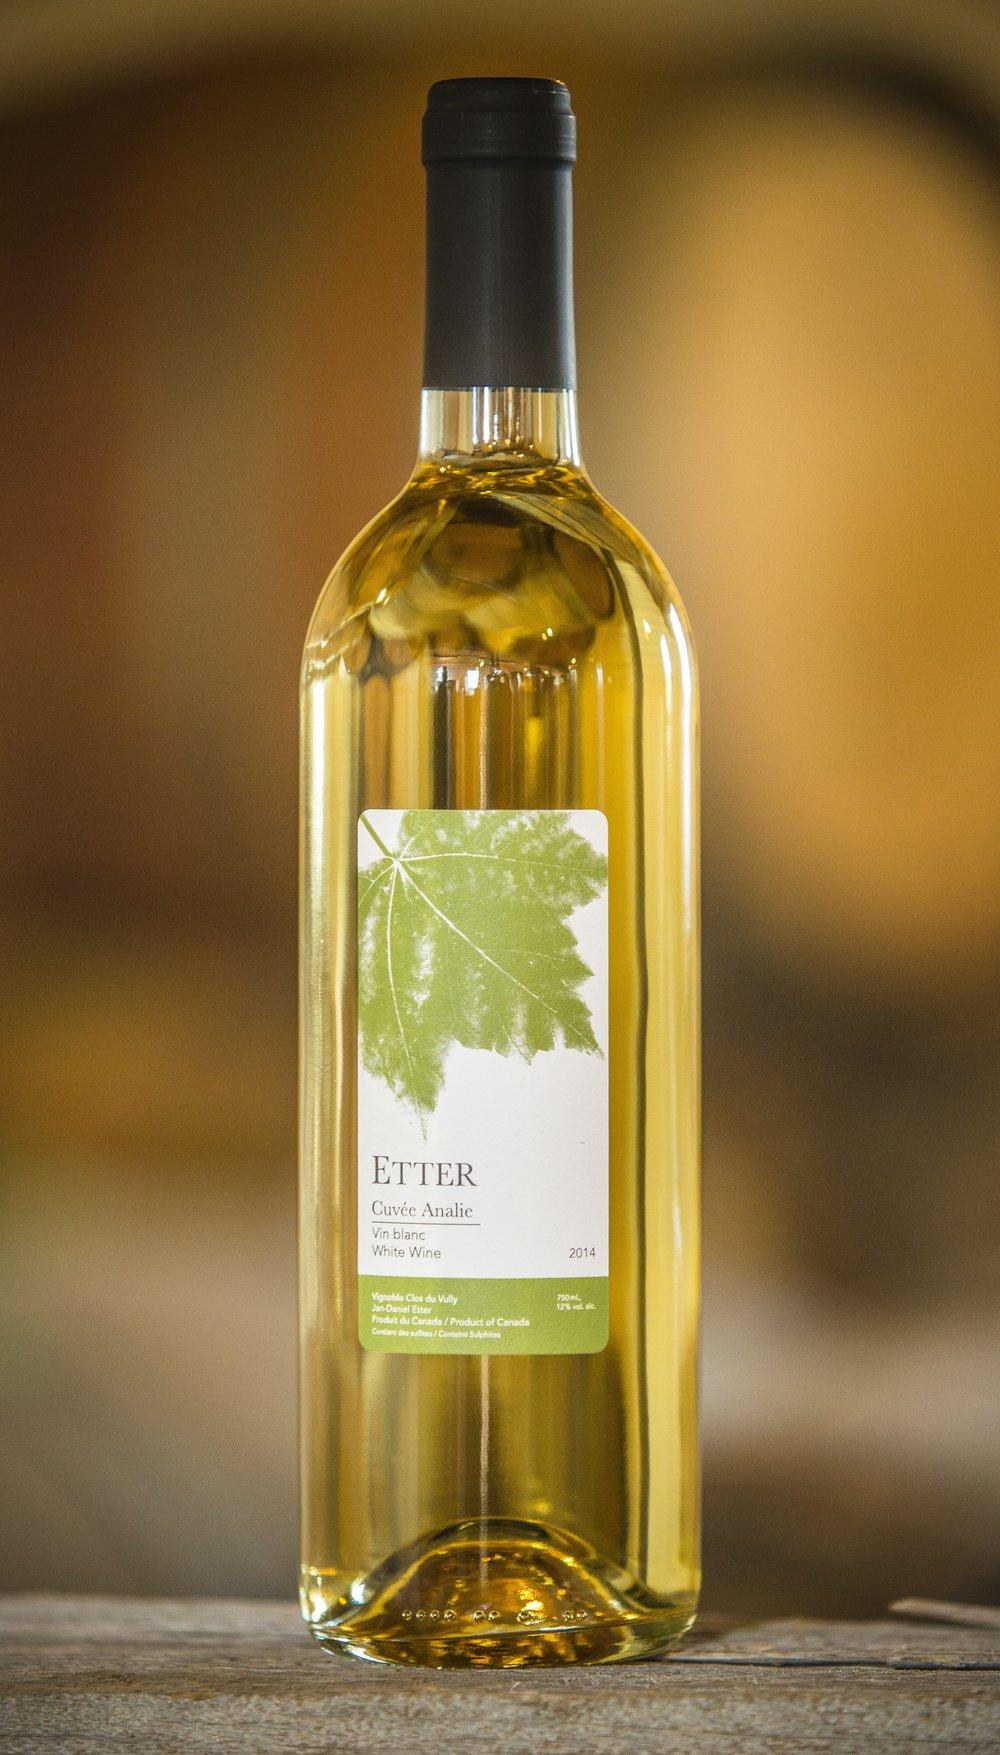 Cuvée Analie - · 32% Chardonnay, 30% Vidal, 30% Frontenac Blanc, 8% Riesling· En barriques pour 6 mois· Arômes de pamplemousse, pommes et chêne.